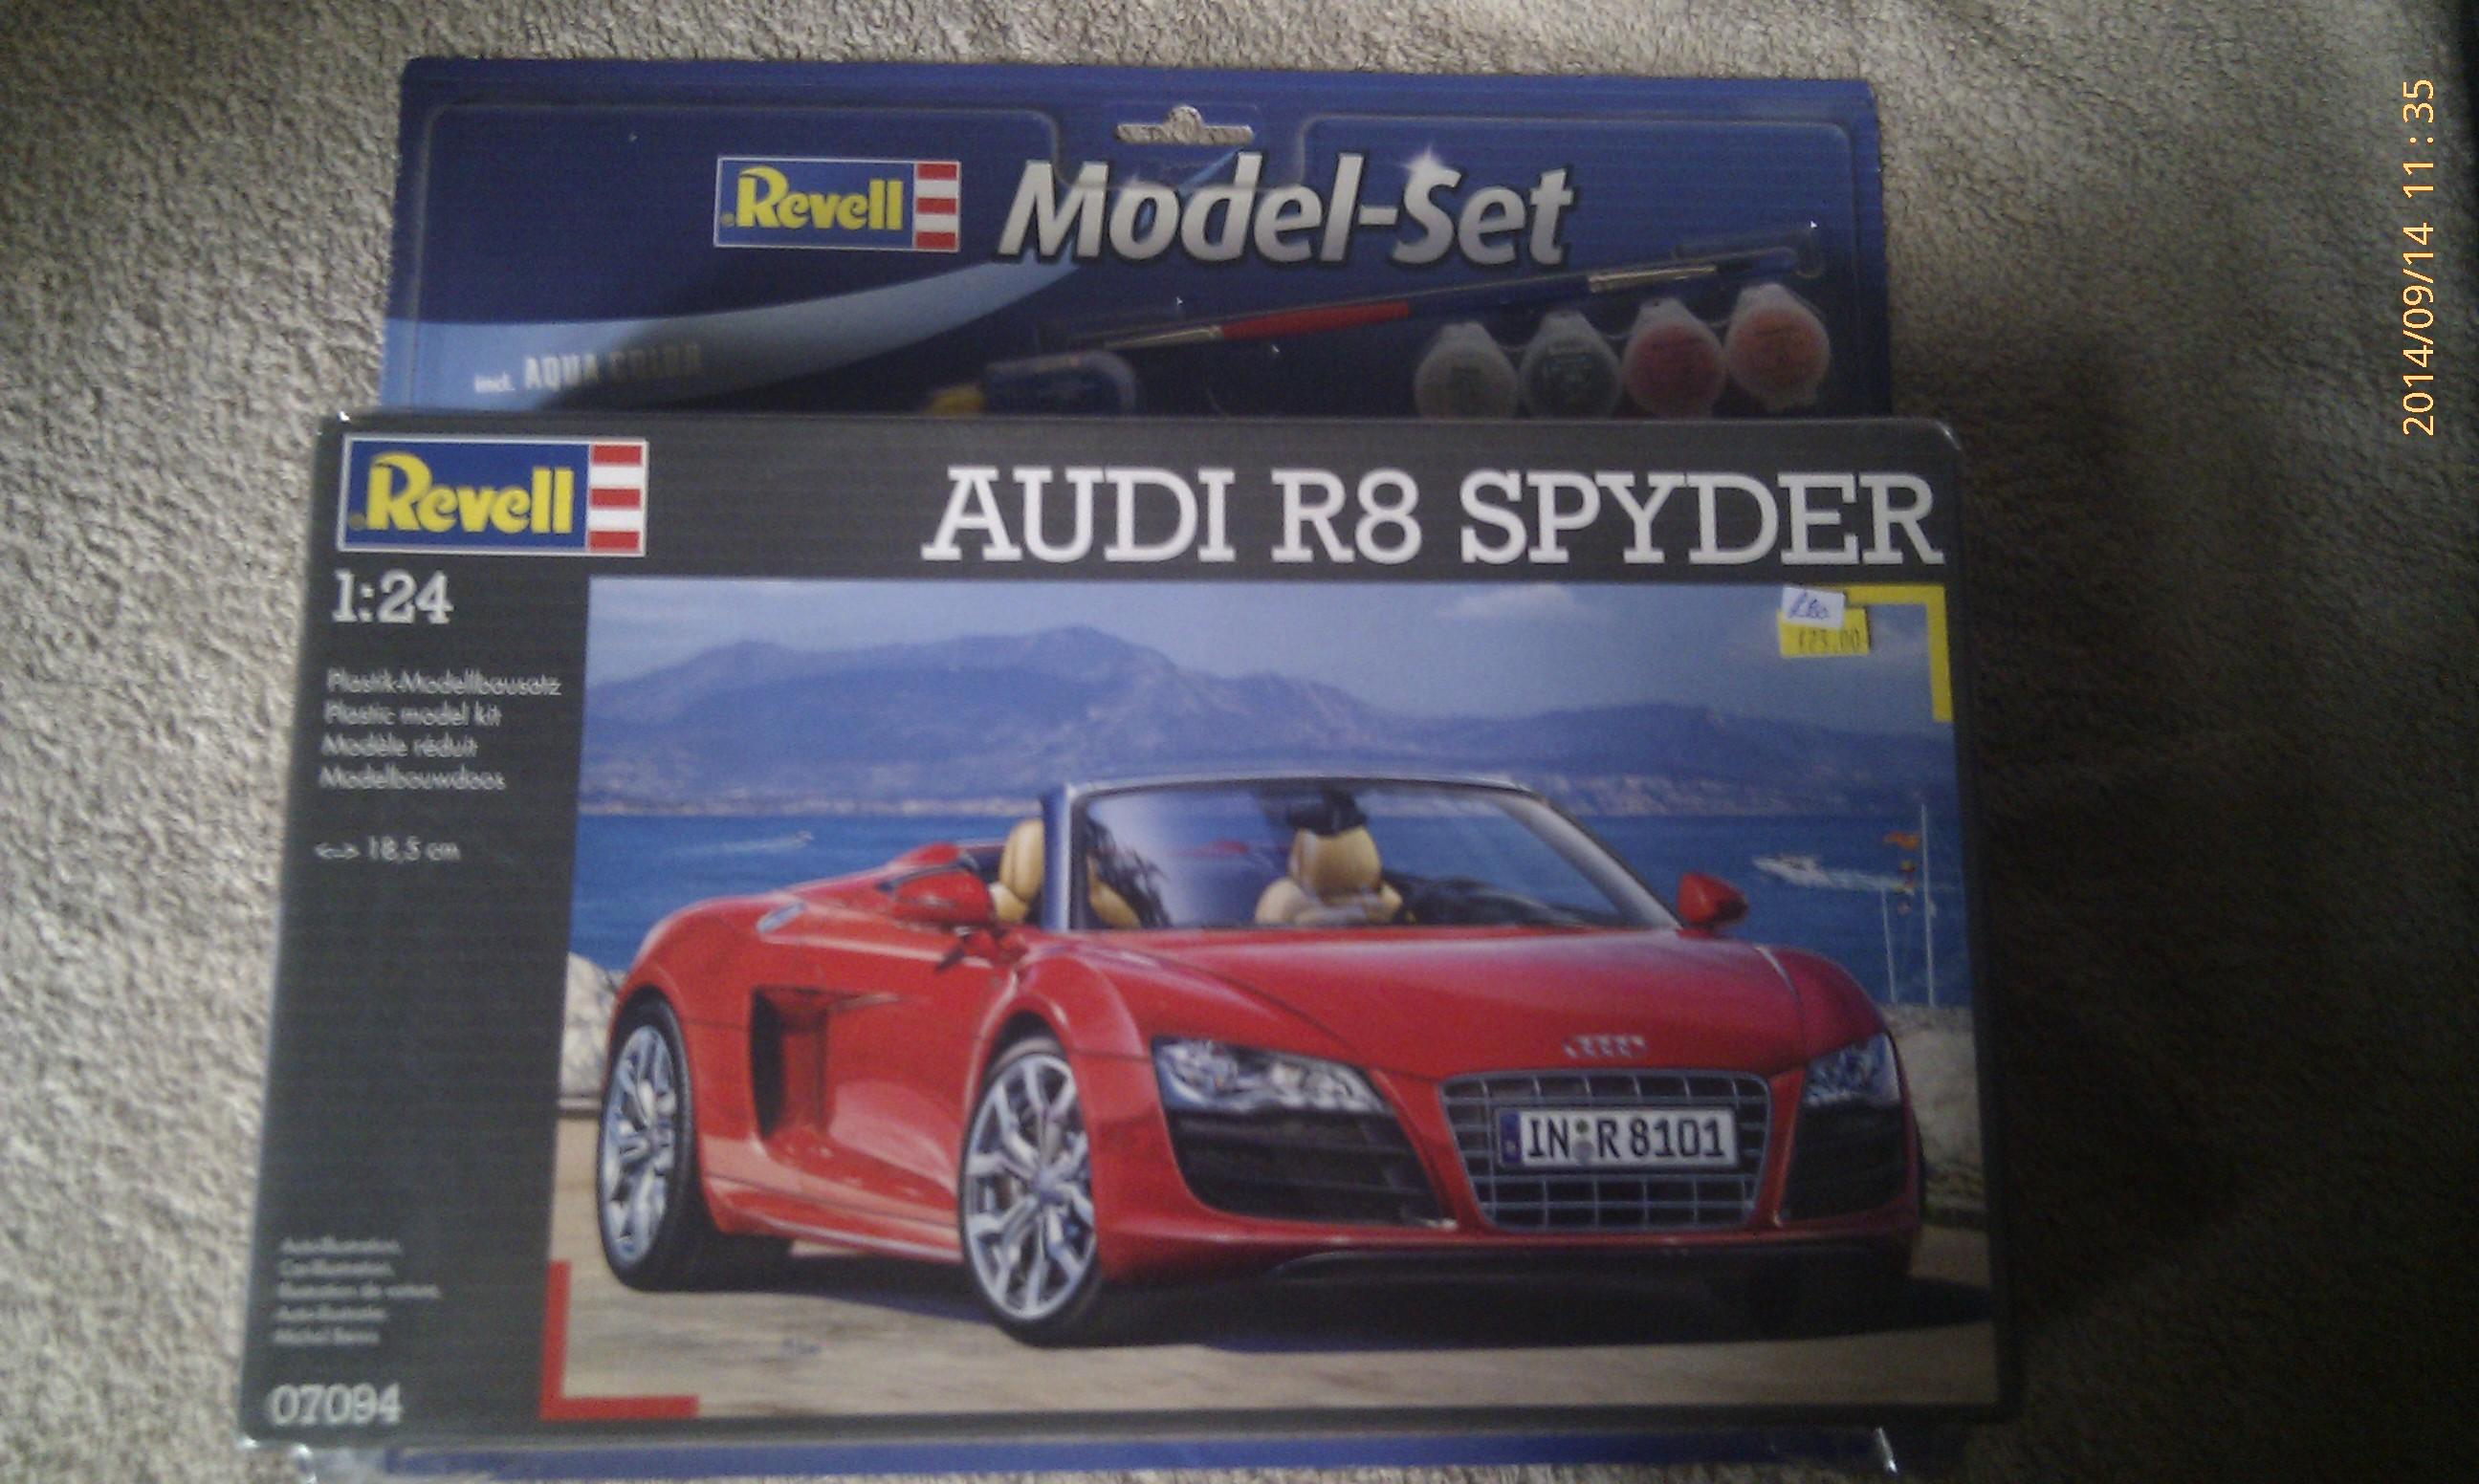 Audi R8 Spyder 1:24 Revell Model Set